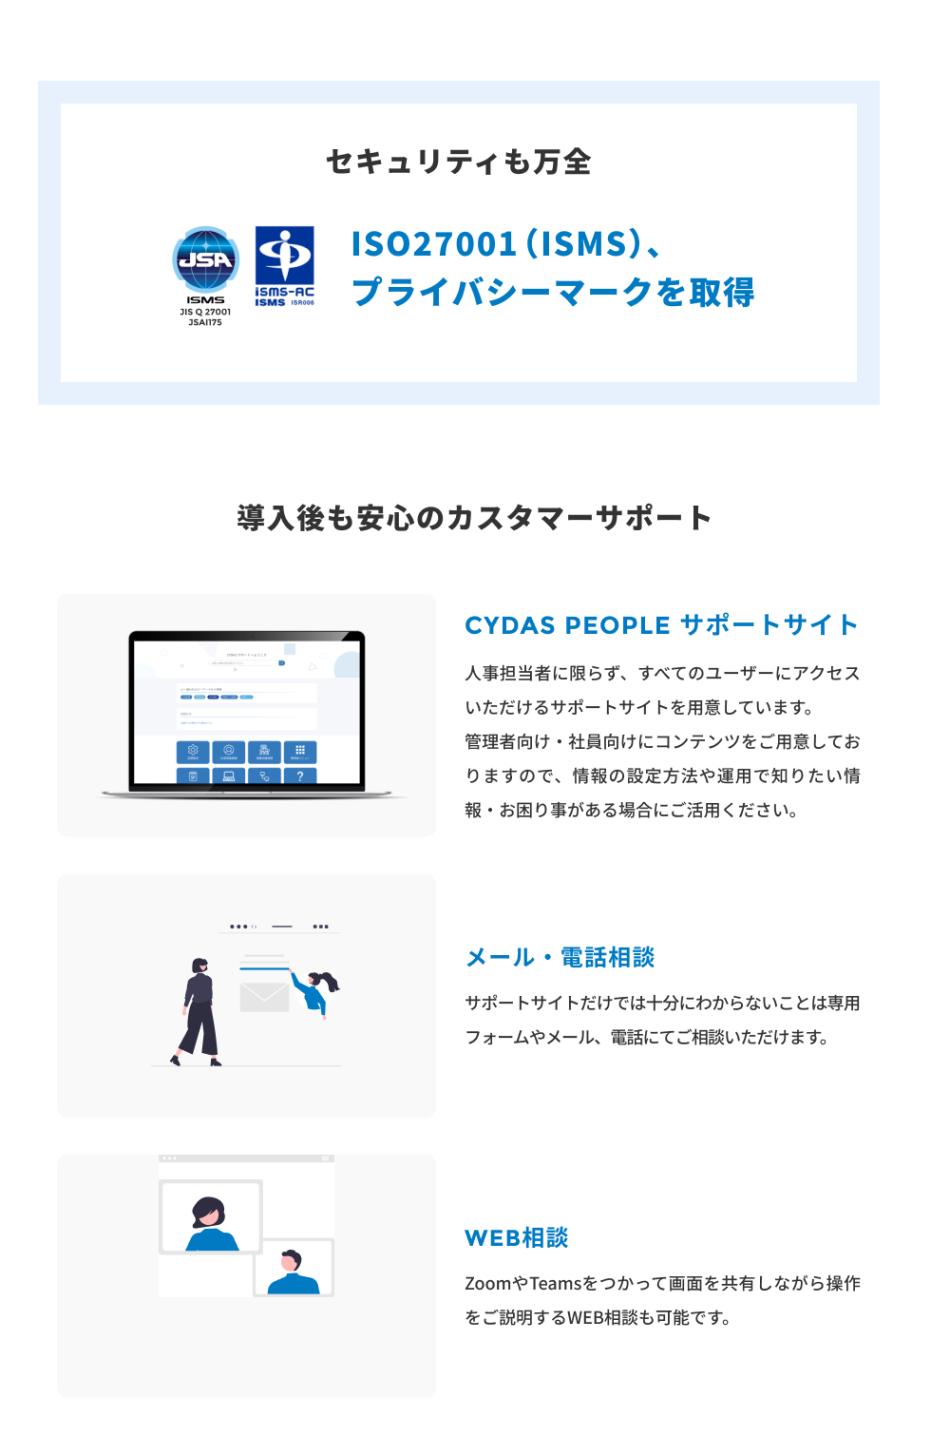 サイダス製品詳細3